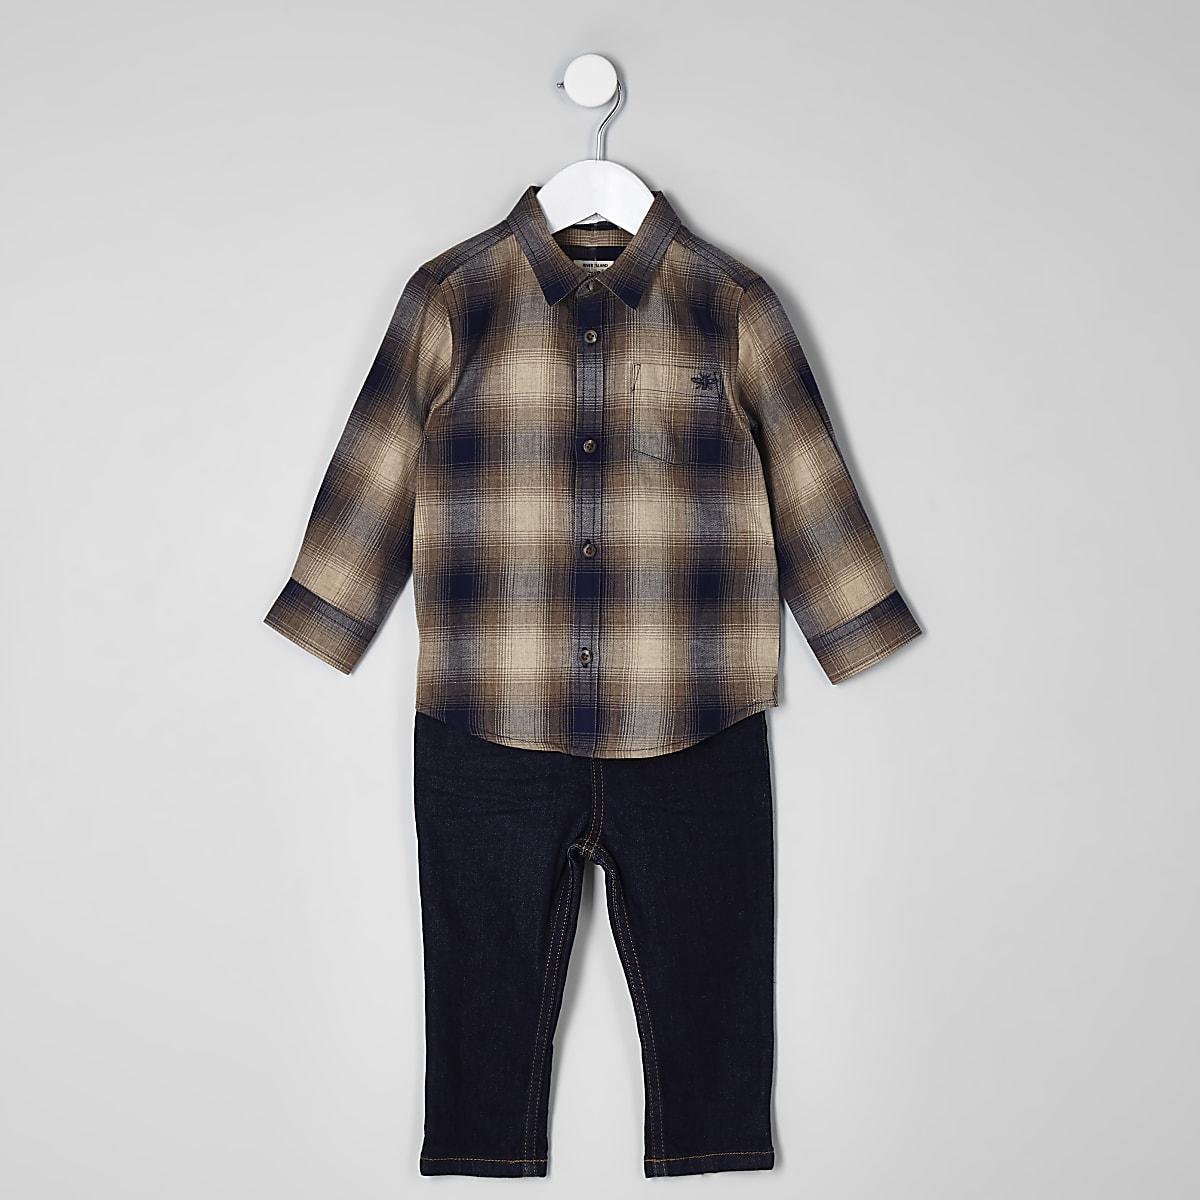 6037d10b312b2 Ensemble jean et chemise à carreaux mini garçon - Tops bébé garçon ...